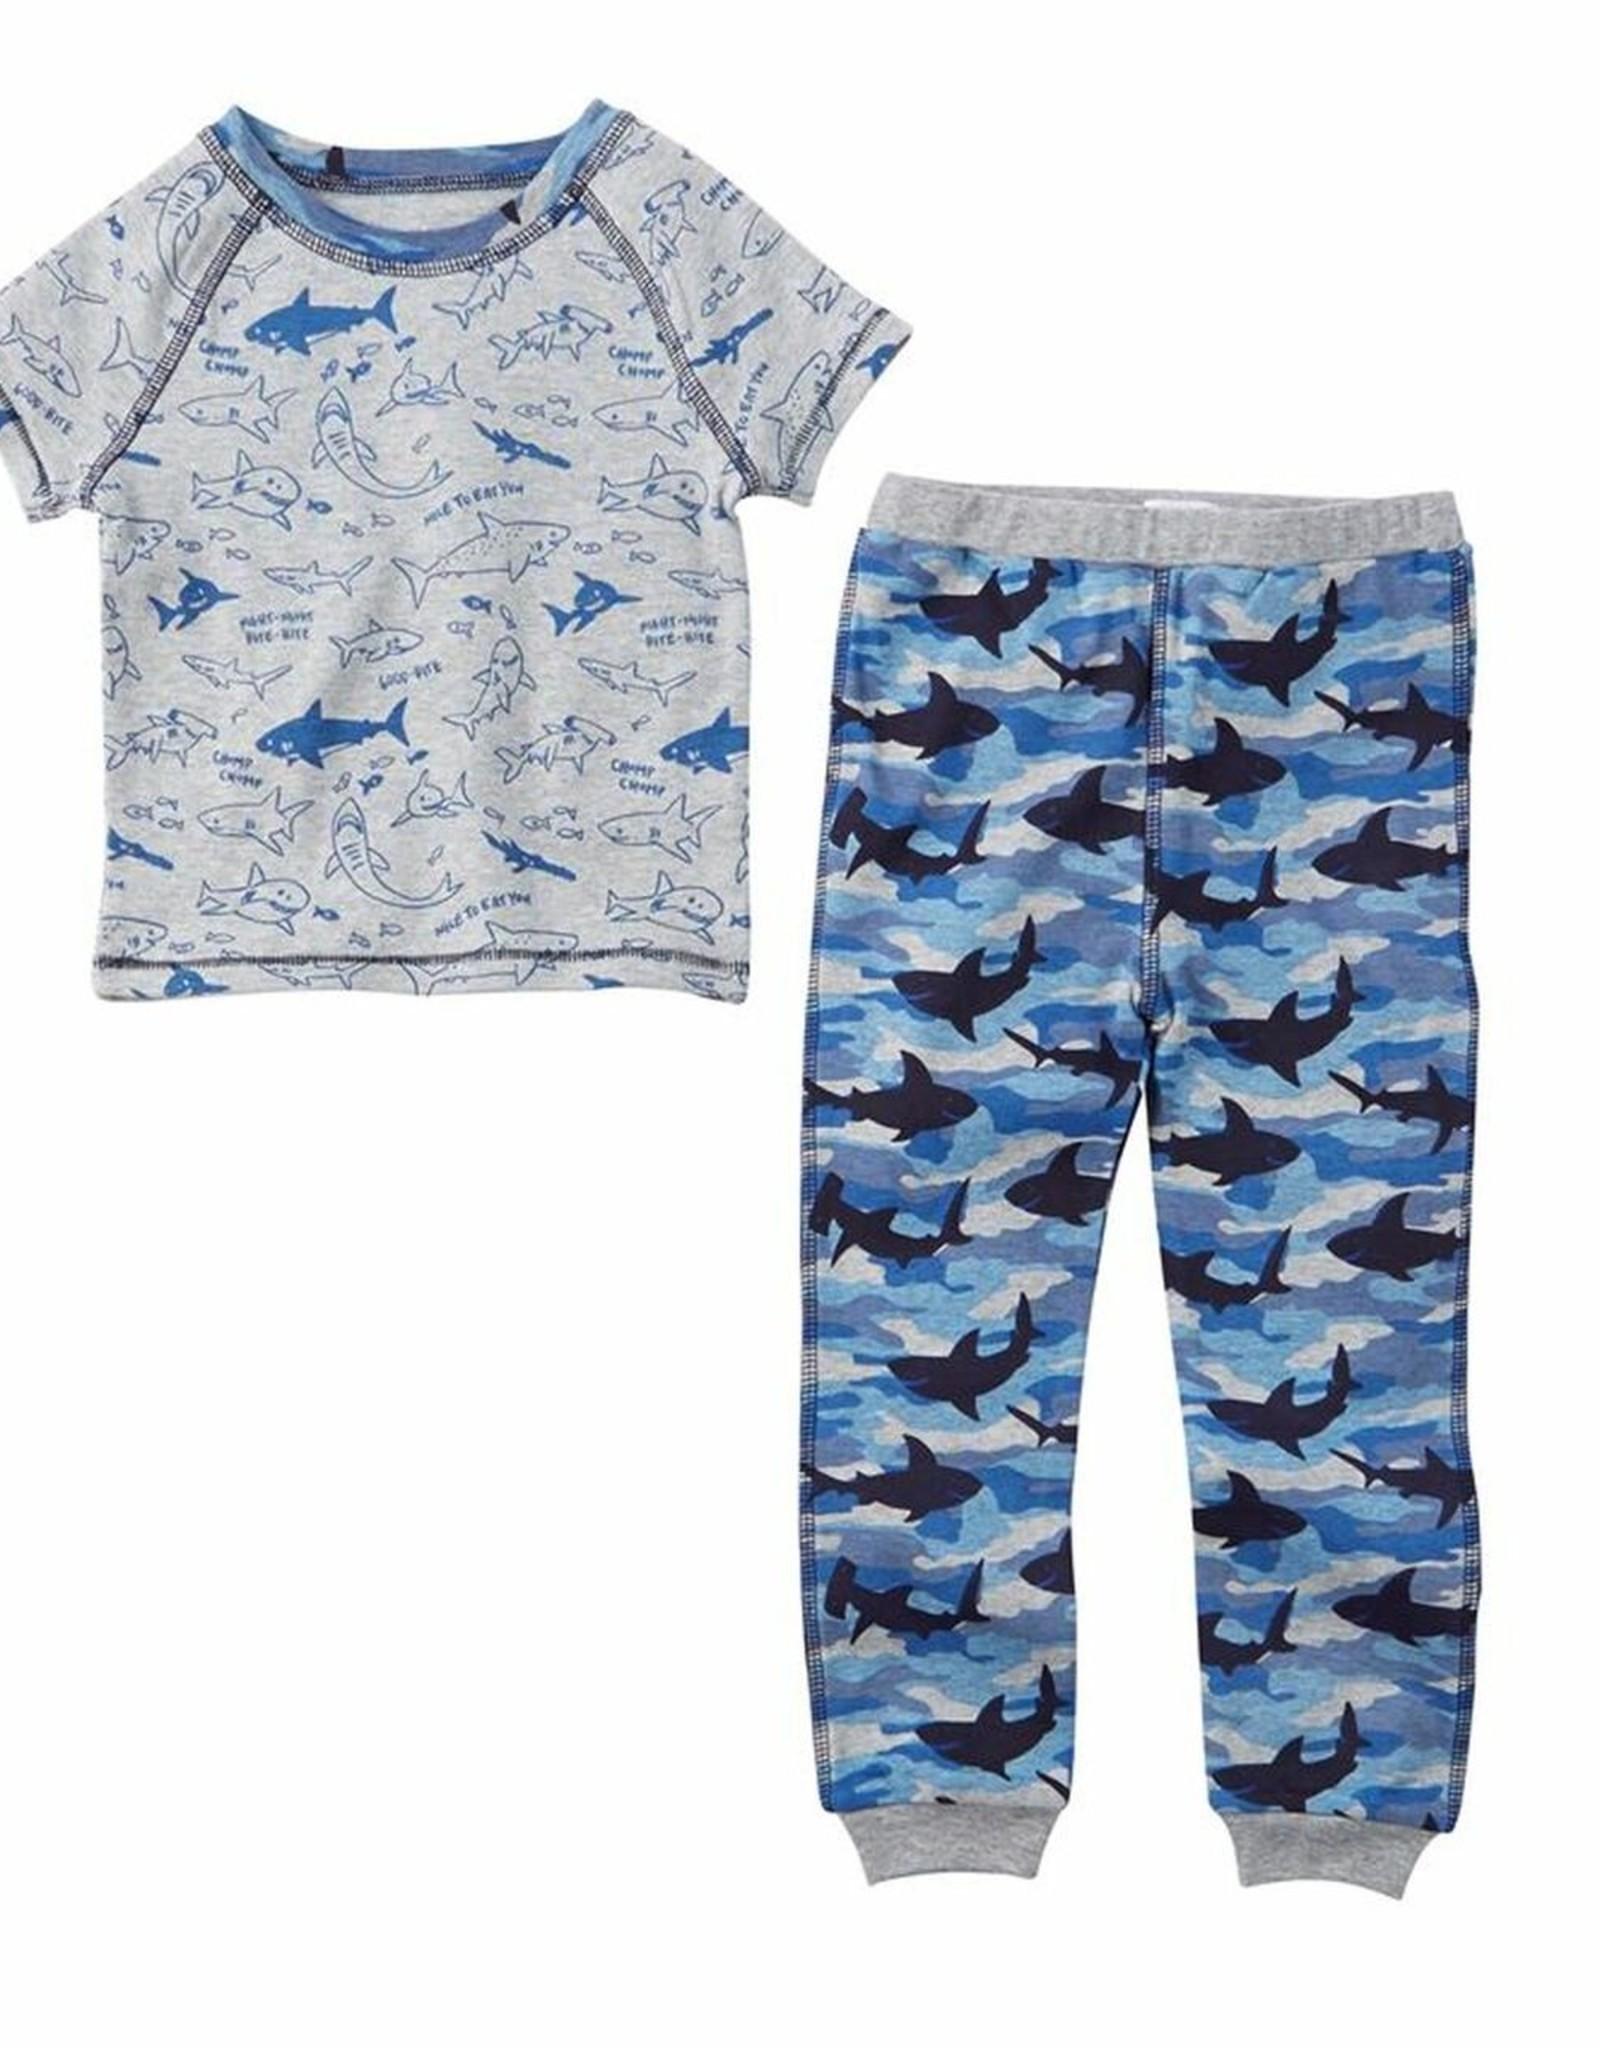 Mud Pie Shark Print short sleeve PJ's